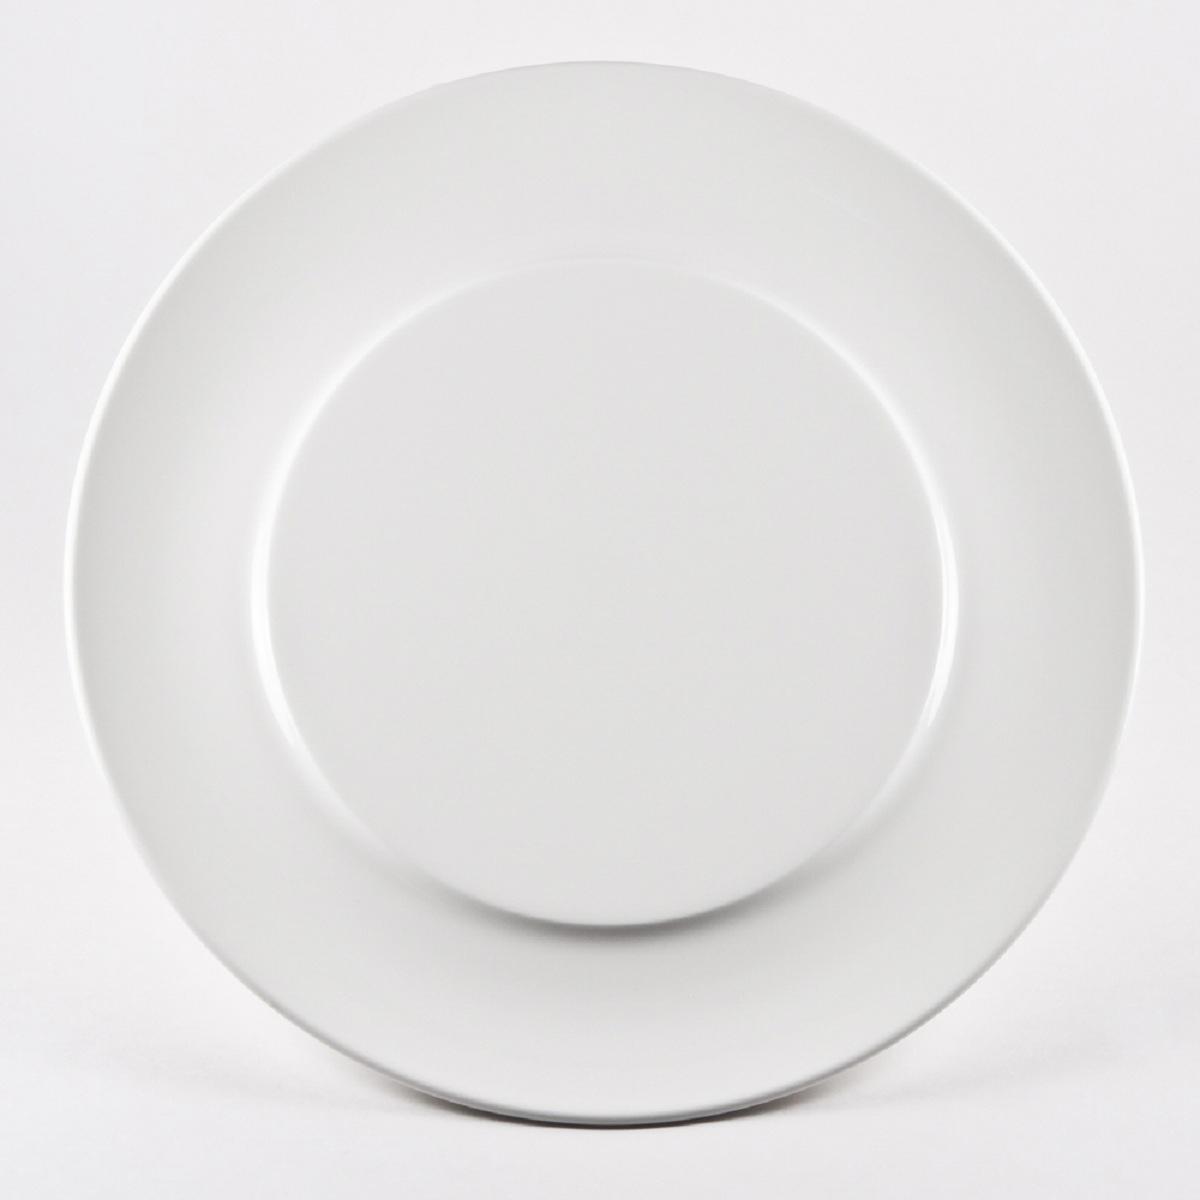 Тарелка Royal Porcelain Гонг, диаметр 31 смРП-8708Royal - новый уникальный продукт на рынке фарфора производится из материала, в состав которого входит алюминиум (глинозем) в виде порошка, что придаёт фарфору уникальные свойства: белоснежный цвет, как на поверхности, так и на изломе, более тонкие и изящные формы, так как добавление металла делает фарфоровую массу более пластичной, устойчивость к сколам и царапинам. Возможный перепад температур при эксплуатации до 200 градусов! Фарфор покрывается глазурью, что характеризует эту посуду как продукт высшего класса.Идеально подходит для использования в микроволновой печи и посудомоечной машине.